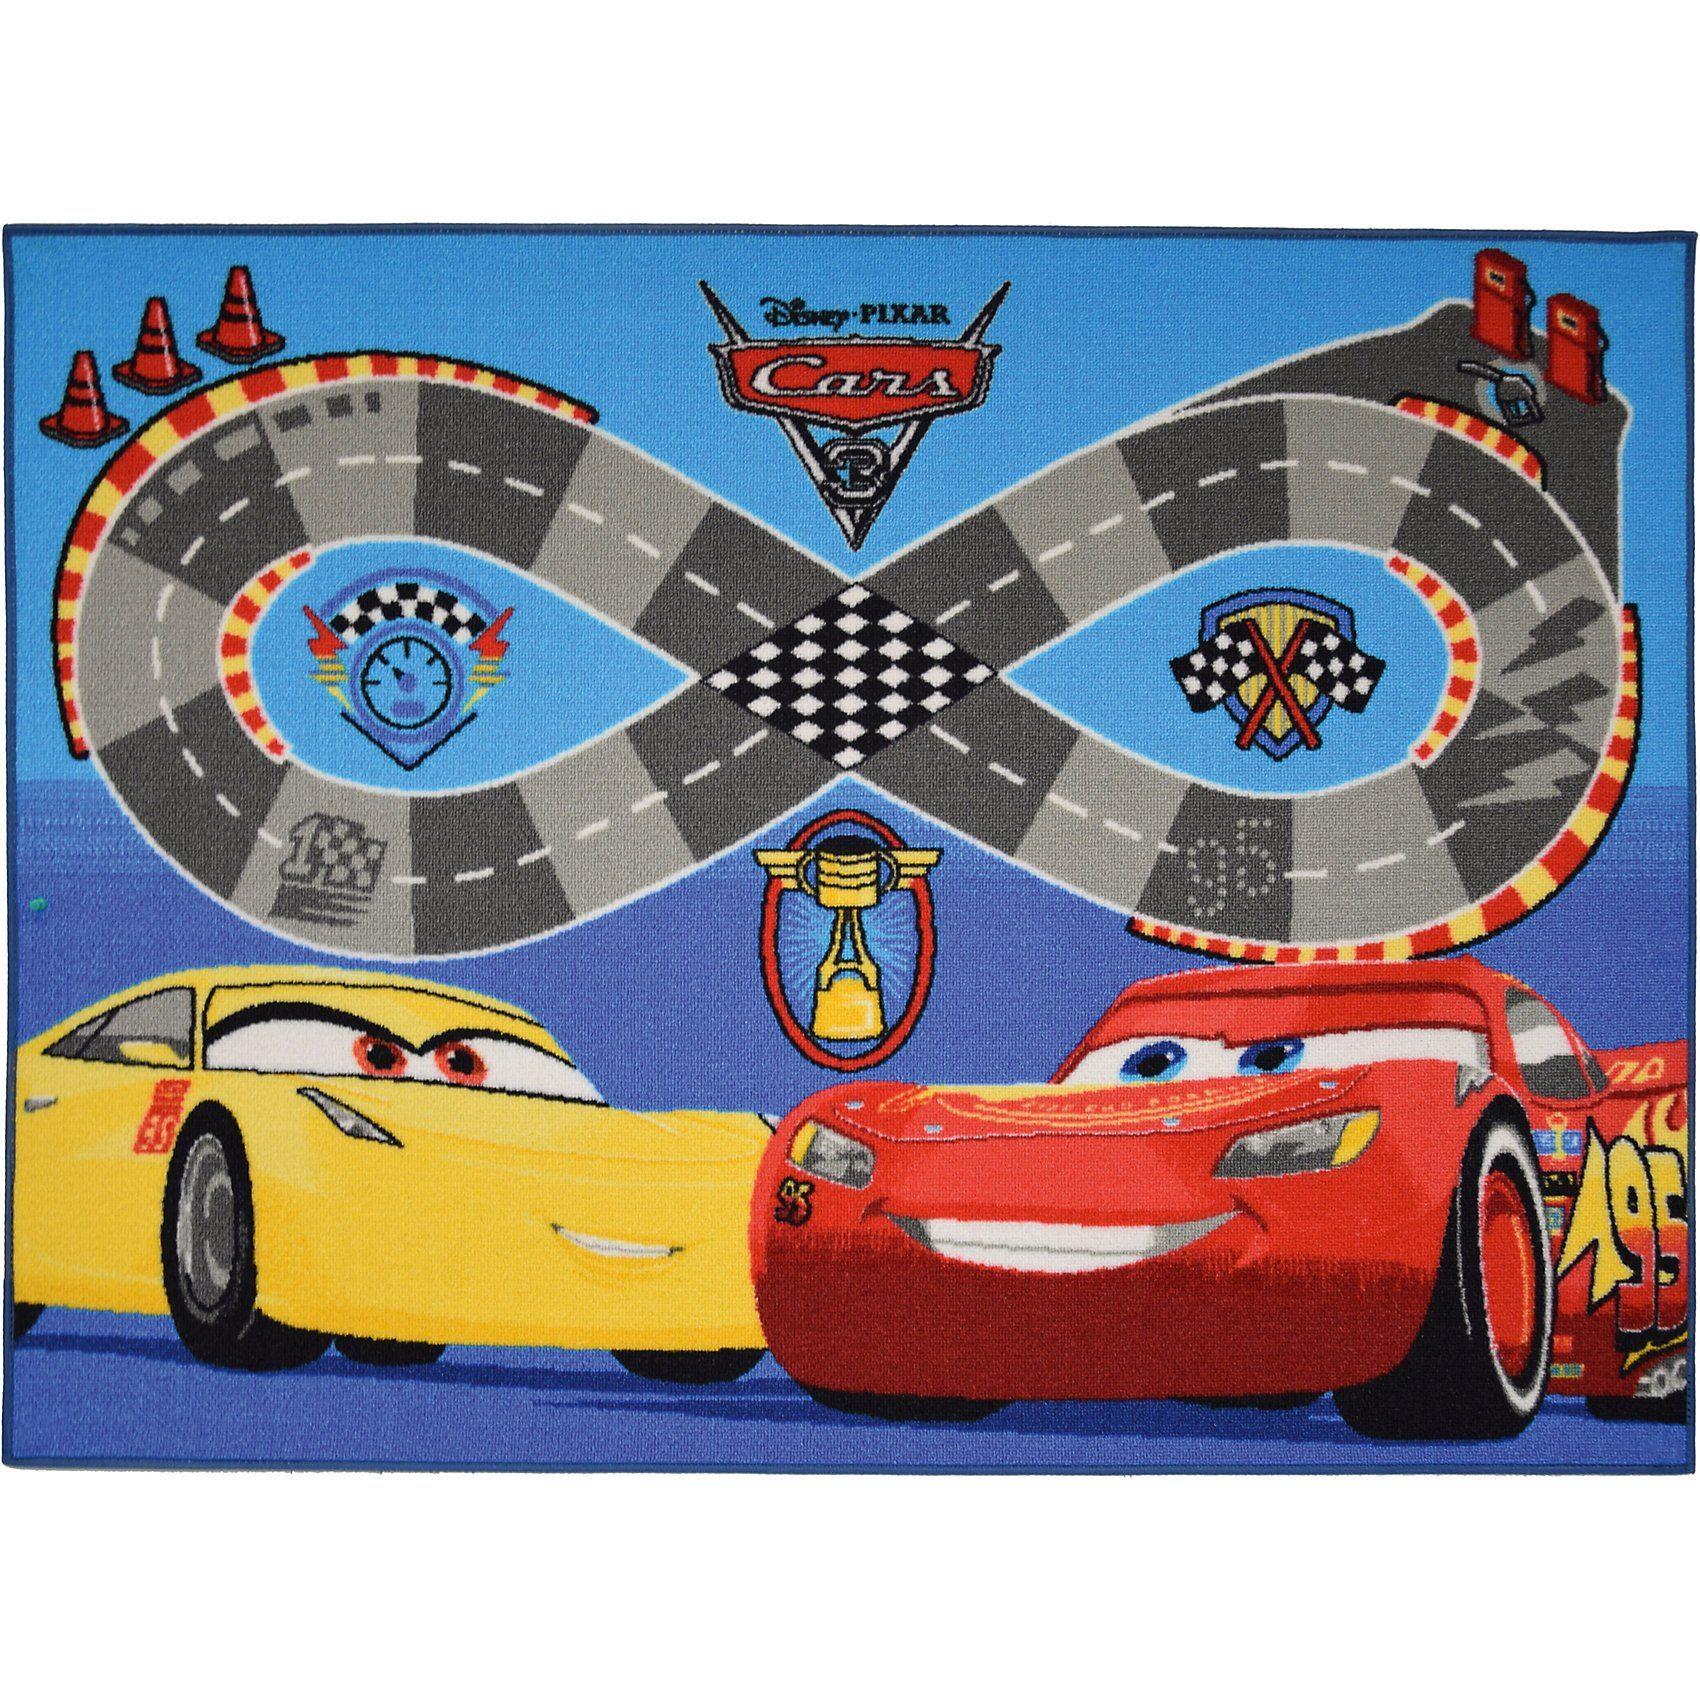 Kinderteppich Cars, Speedway, 95 x 133